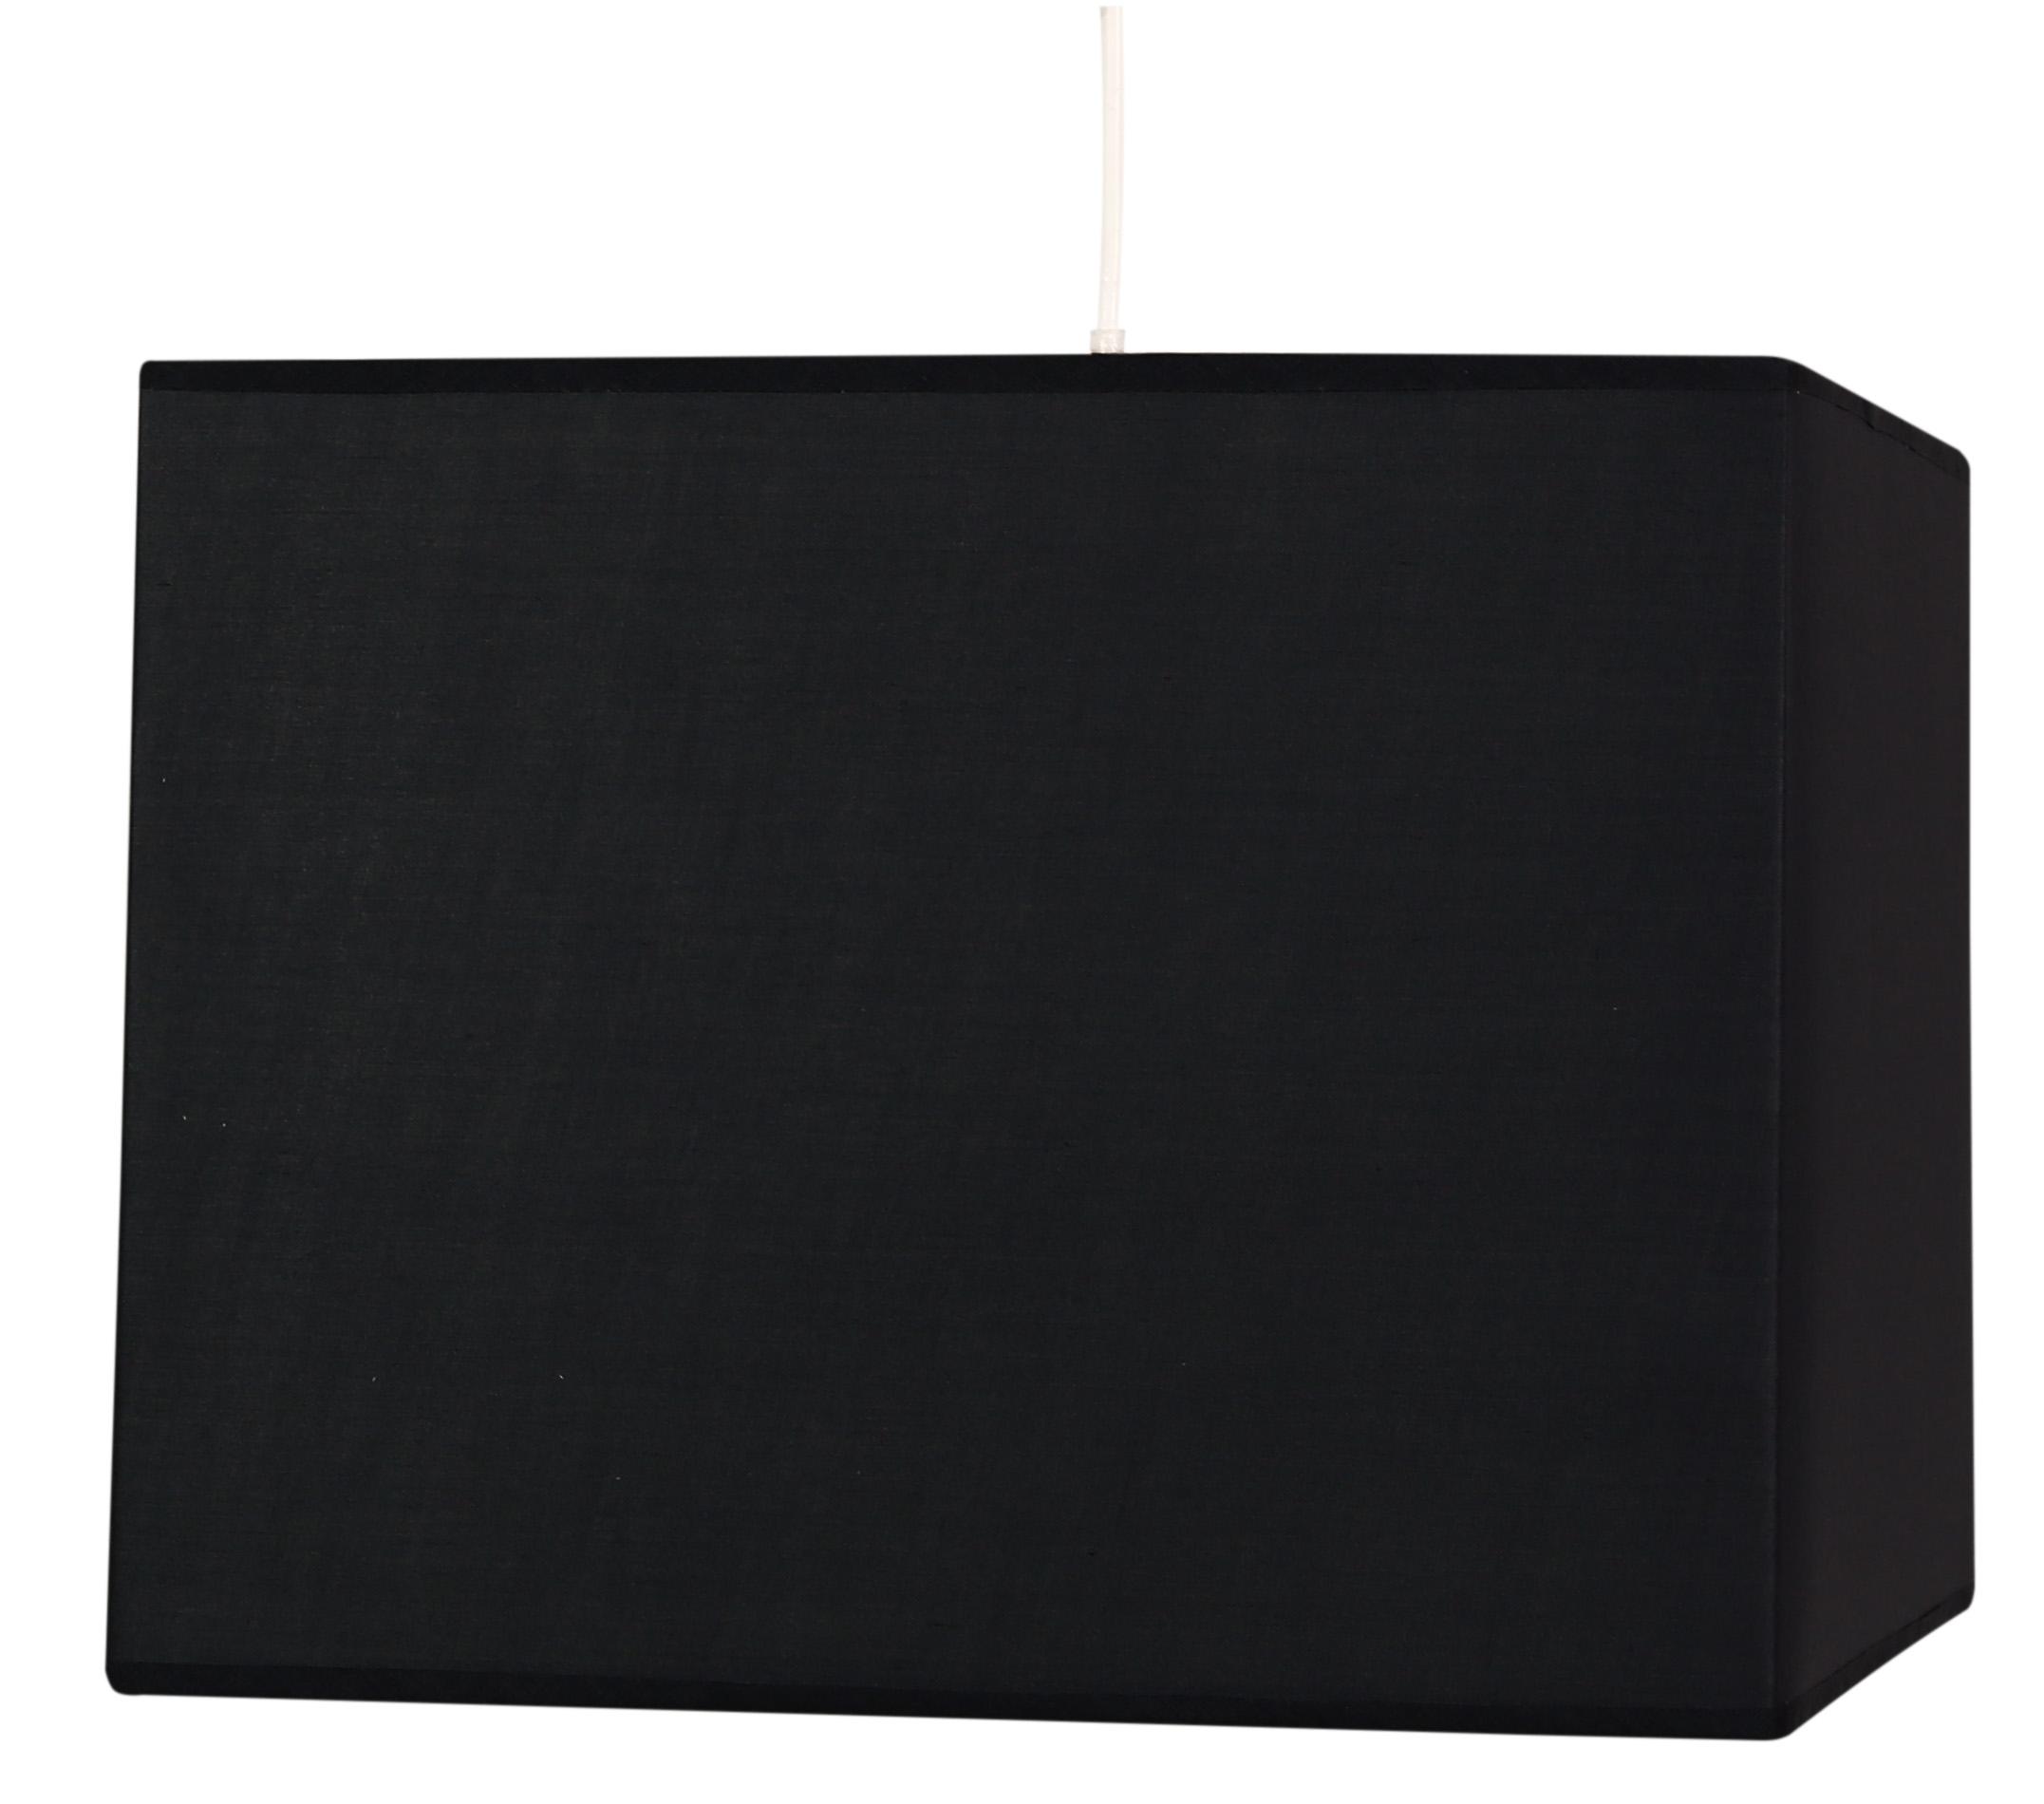 BASIC LAMPA WISZĄCA 30 1X60W E27 CZARNY - 31-06073